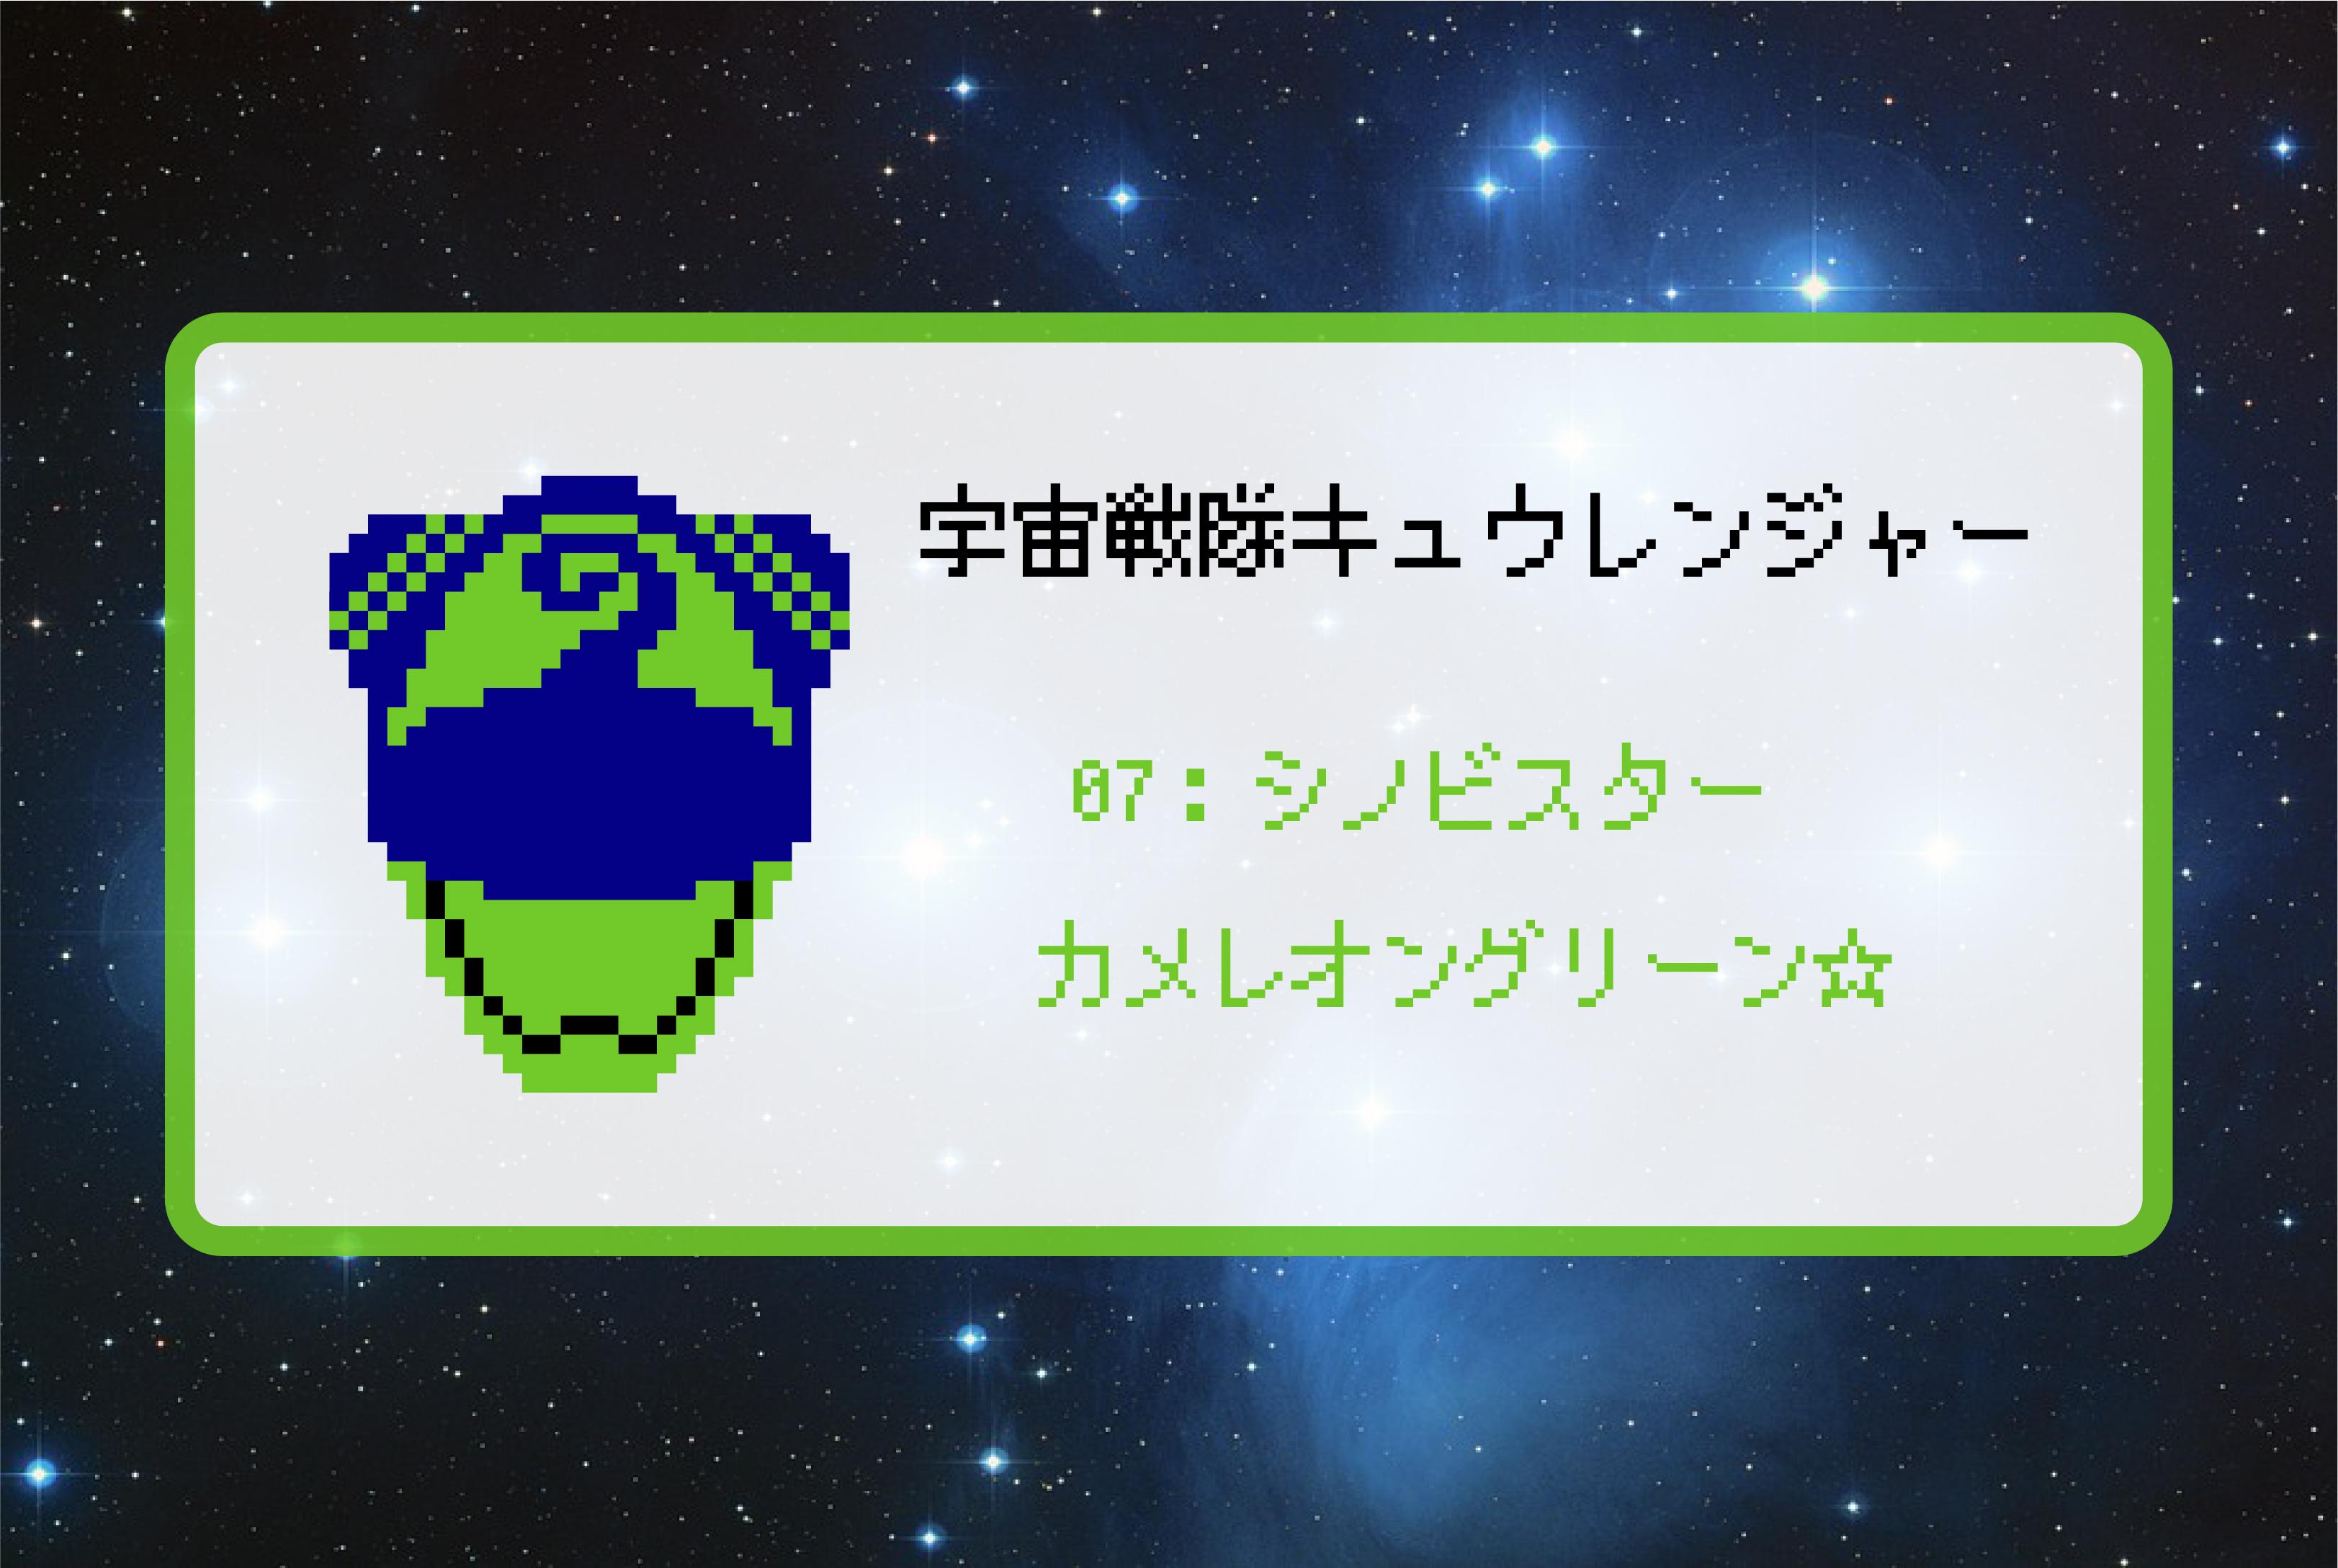 【宇宙戦隊キュウレンジャー】カメレオングリーンのアイロンビーズ図案